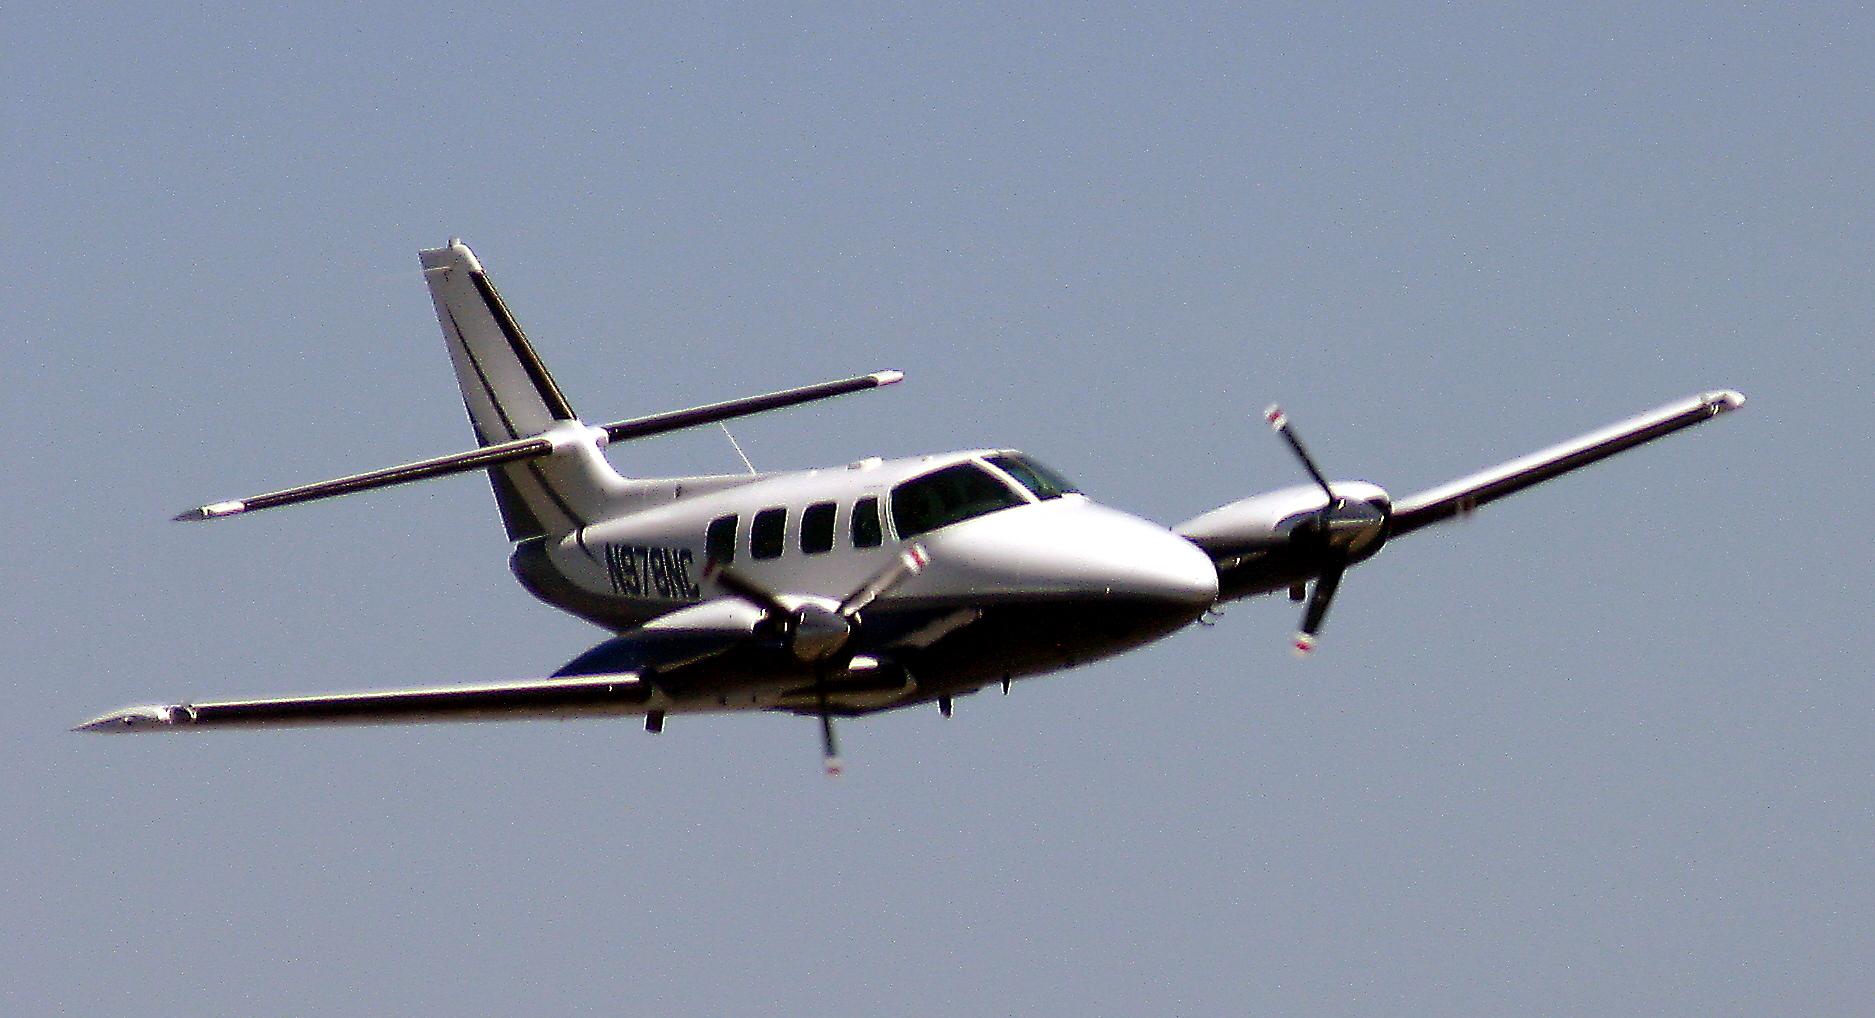 In Flight Right Turn - New_edited.JPG